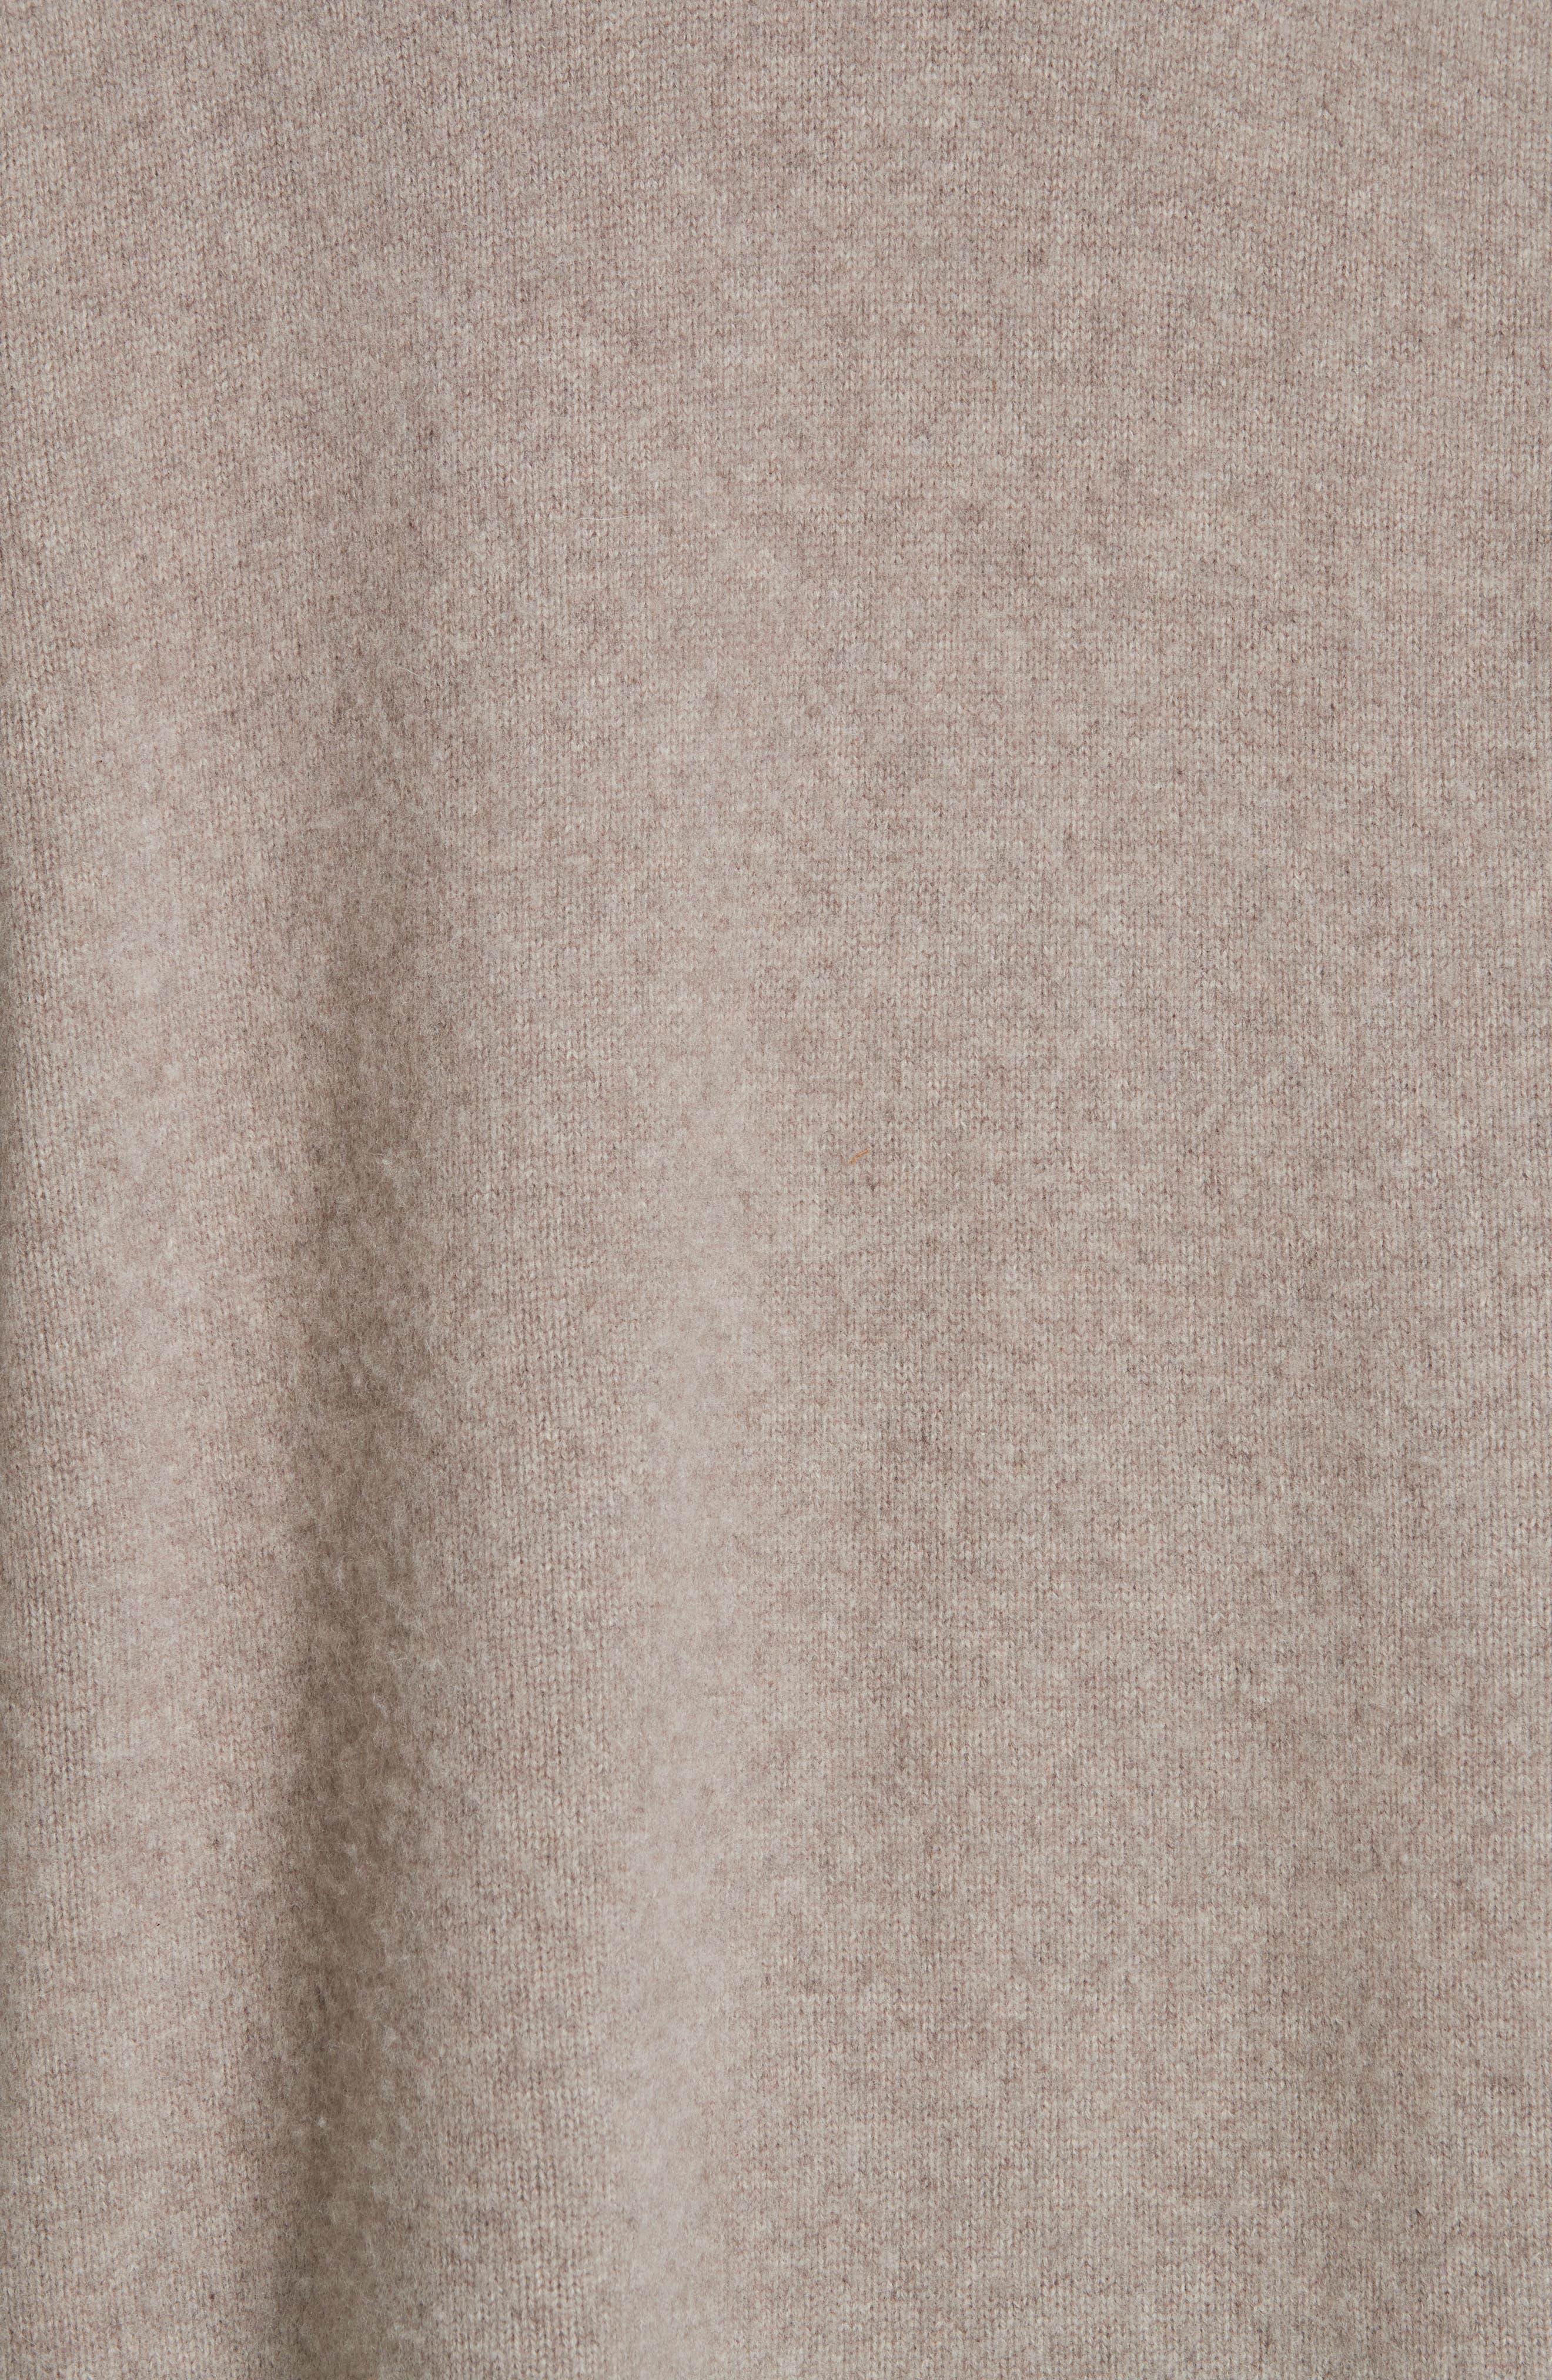 VINCE, Patch Pocket Cashmere Cardigan, Alternate thumbnail 5, color, 201